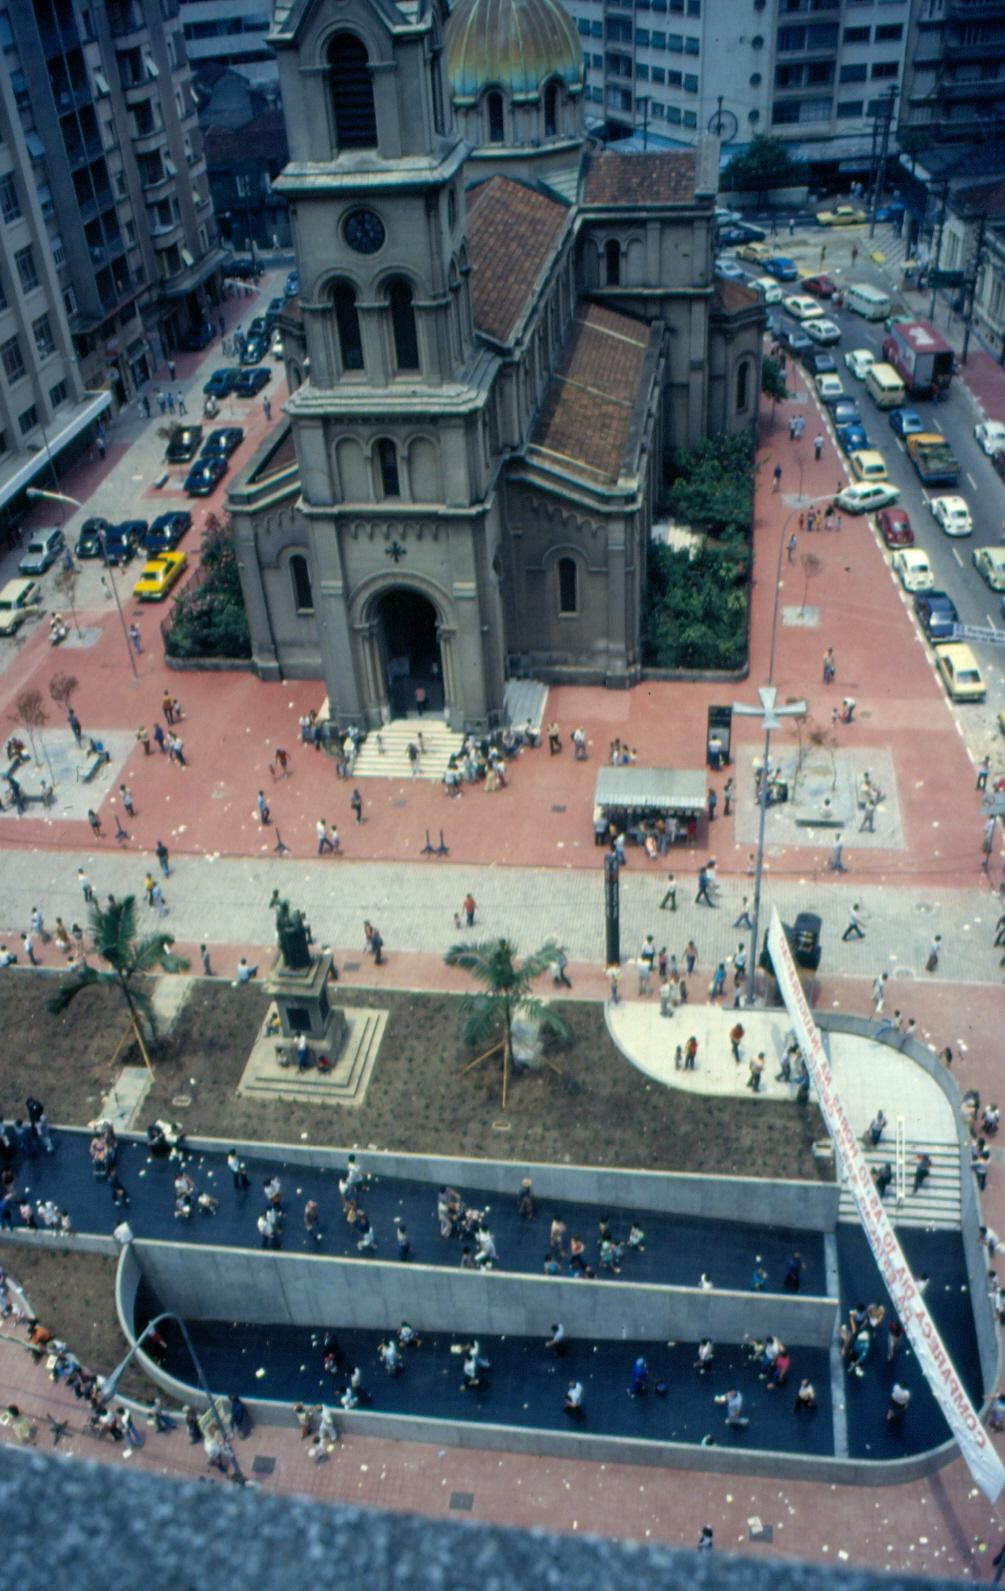 Vista aérea da Estação Santa Cecília